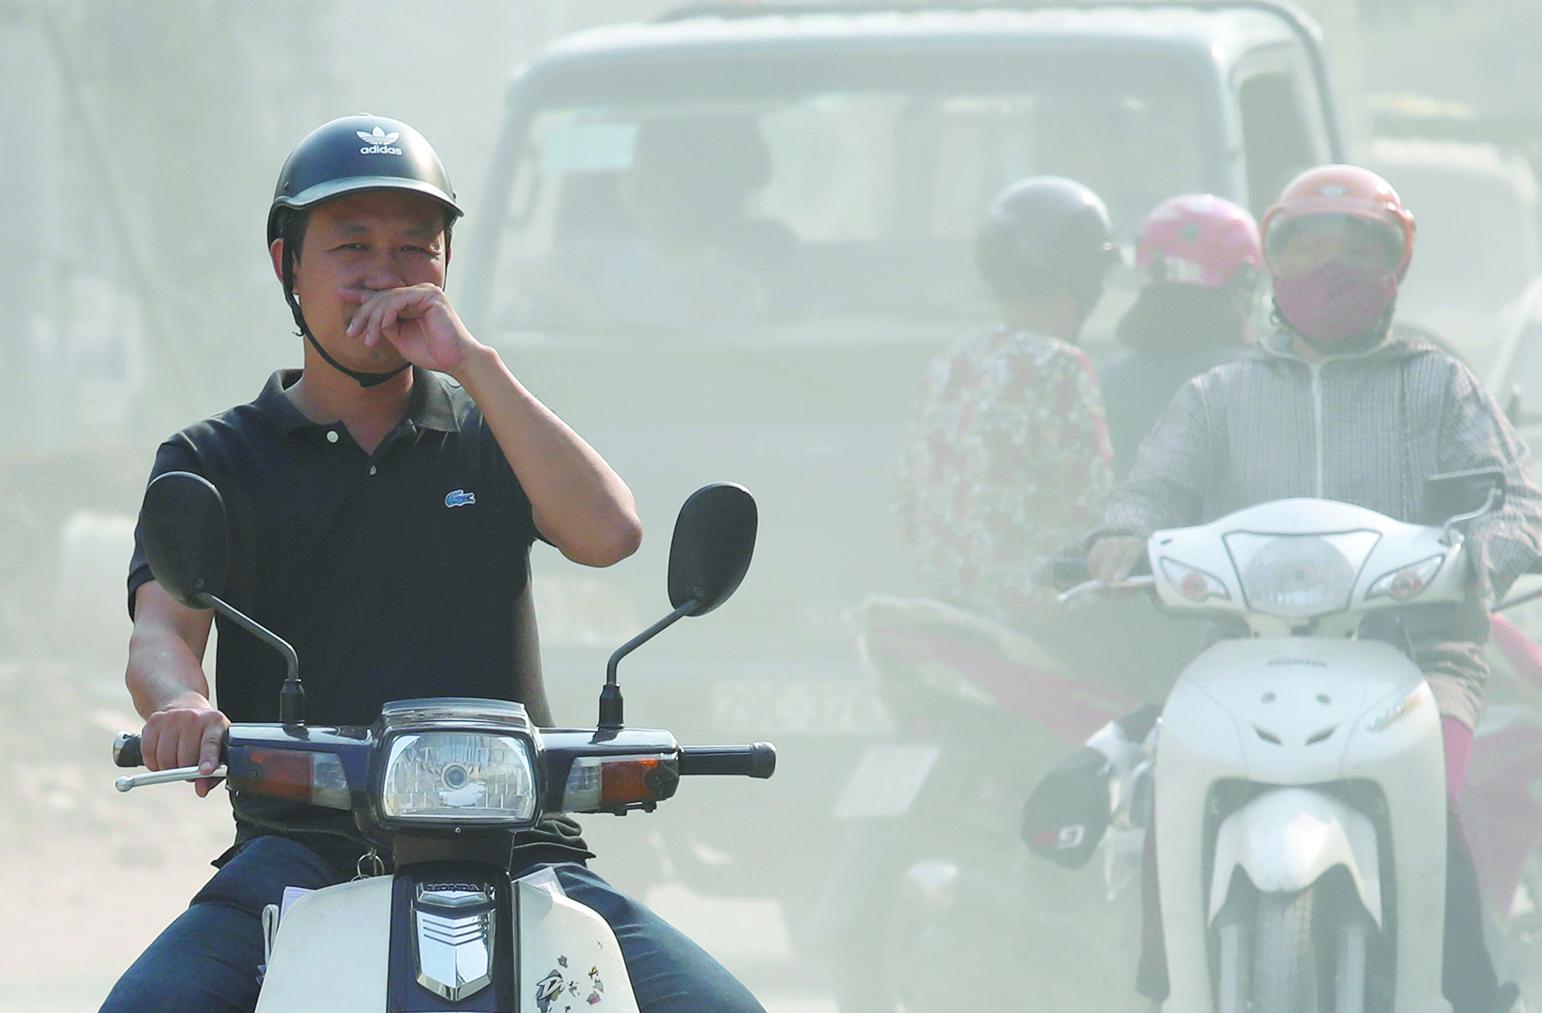 Các hợp chất hữu cơ: Một góc ô nhiễm trong không khí Hà Nội